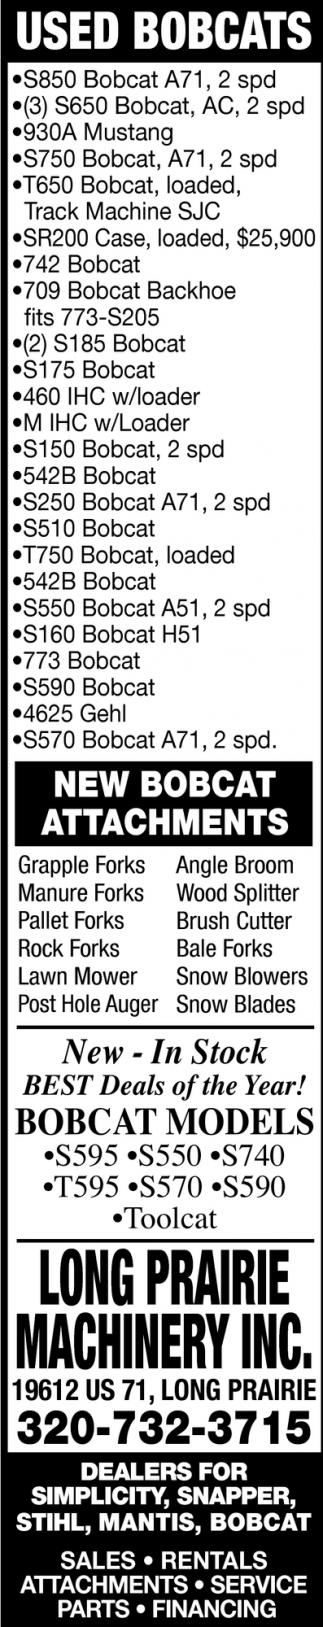 Used Bobcats